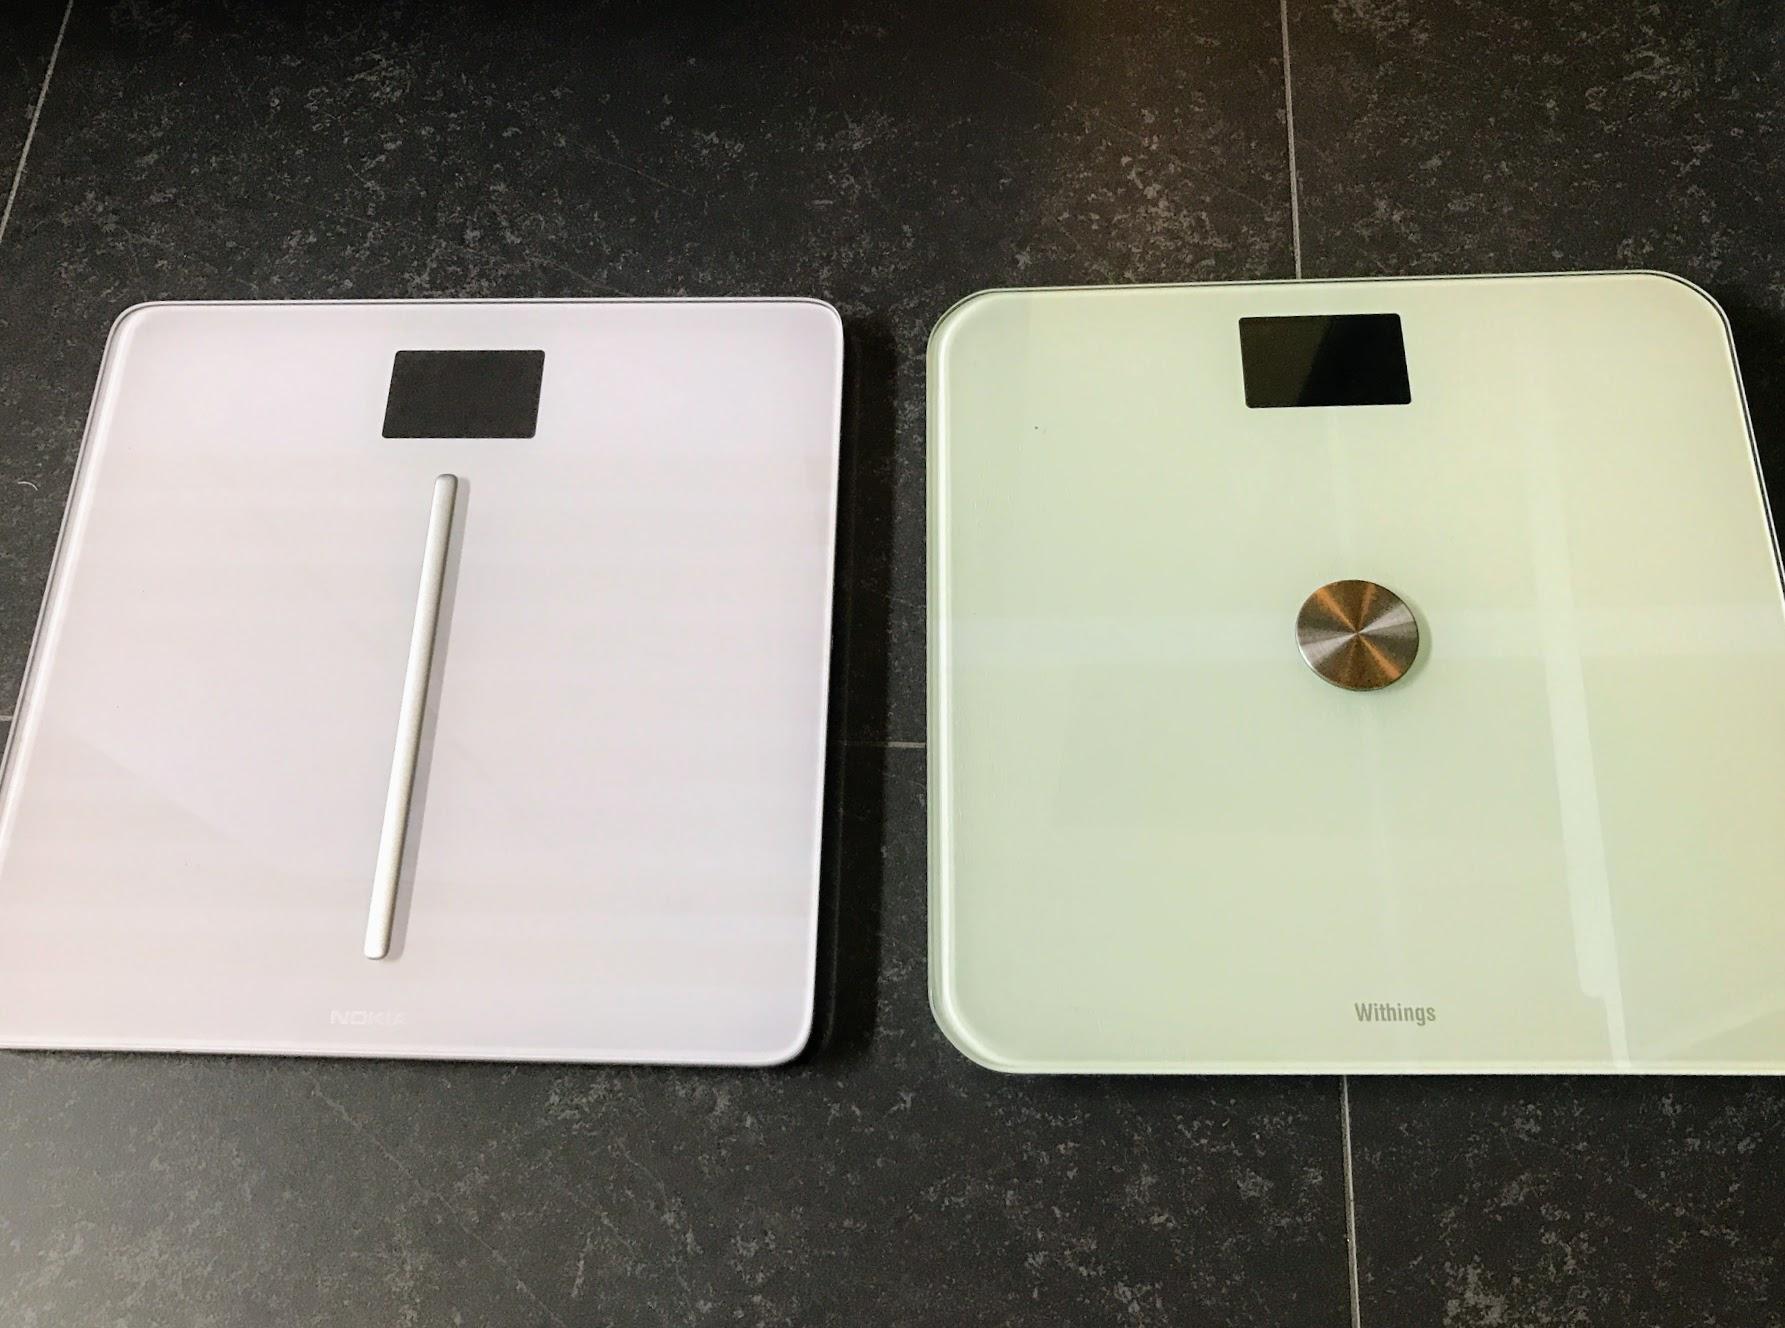 erfaring erfaringer test af nokia body cardio vægt virker den anmeldelse af health app cardio body vs wifi withings